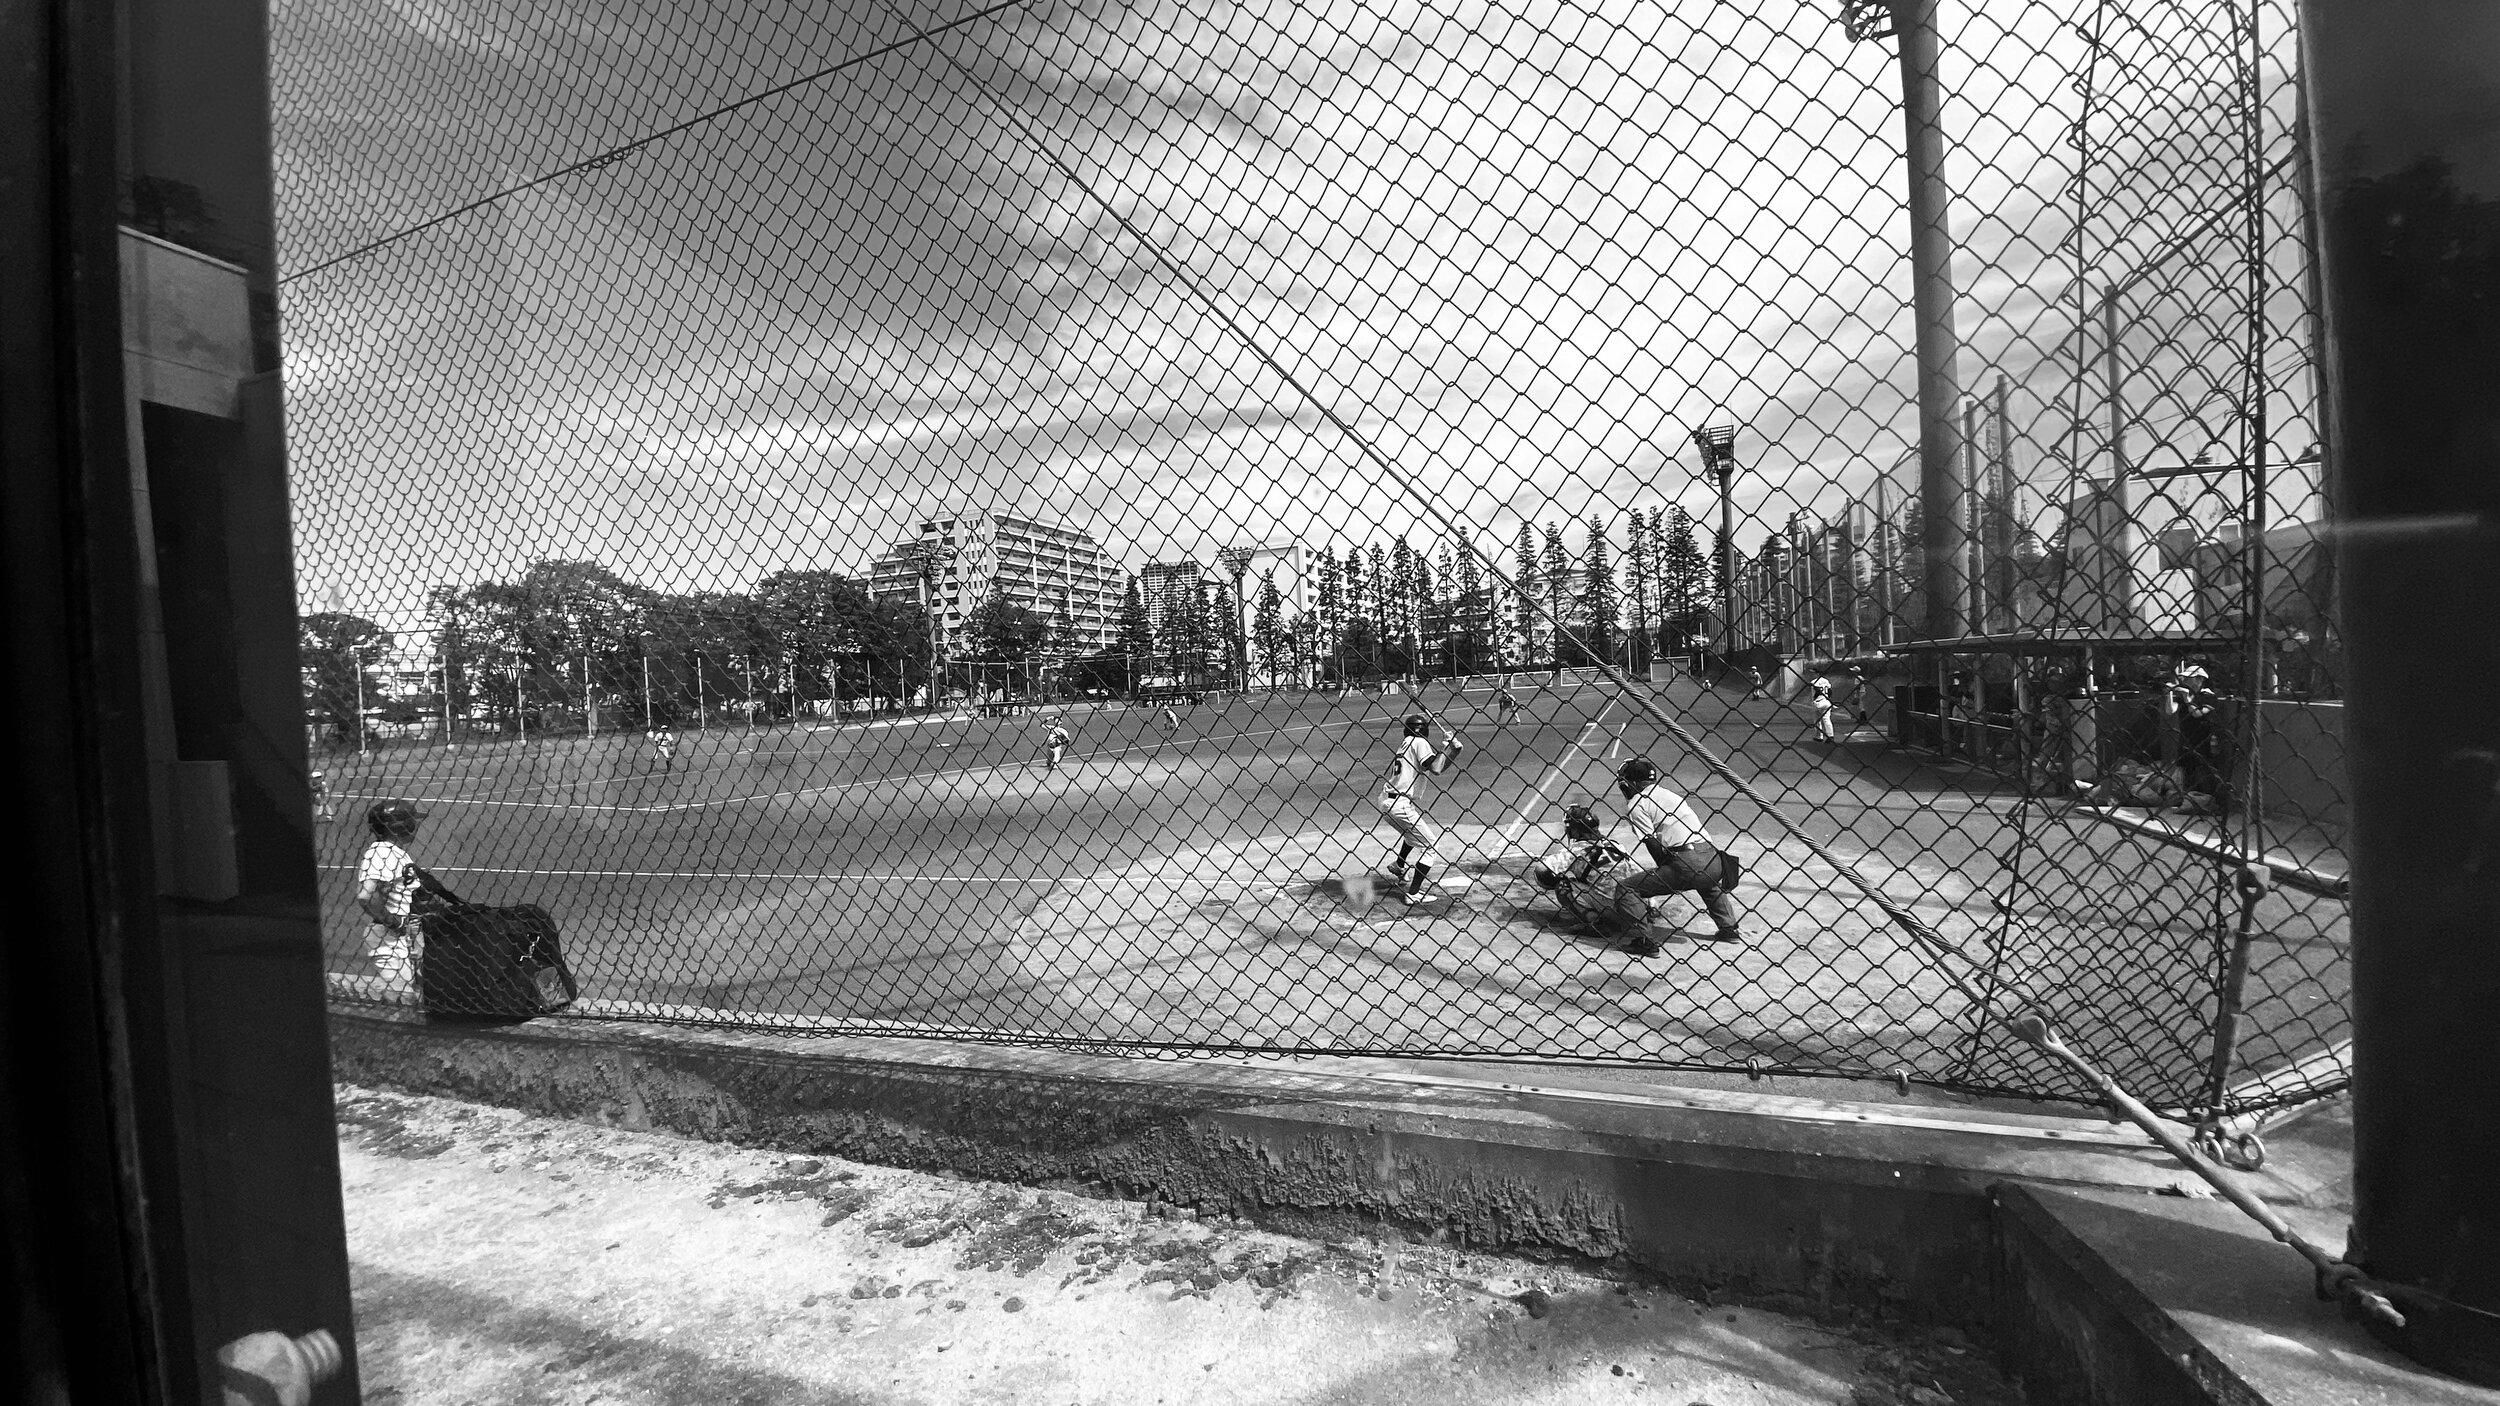 tokyo baseball fence